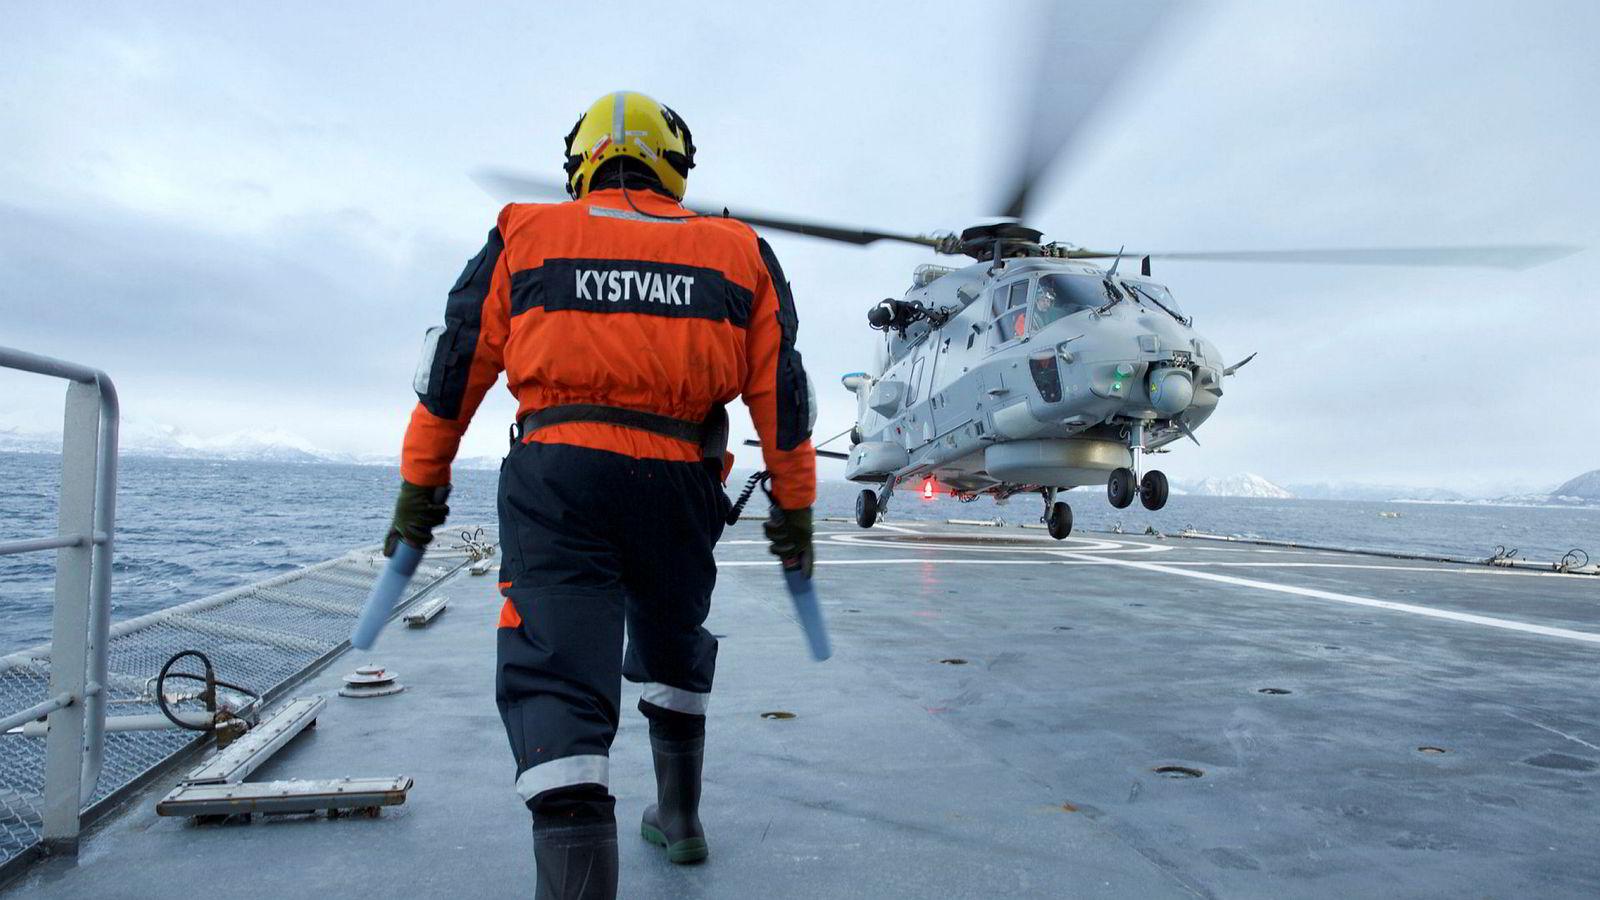 Flytting av seks av Forsvarets helikoptre fra Bardufoss til Rygge vil bidra til en marginal effektiviseringsgevinst innen Forsvaret, men lede til uante beredskapsmessige kostnader for andre sektorer i nord. Her lander Eet NH-90 helikopter på kystvaktfartøyet «KV Senja».